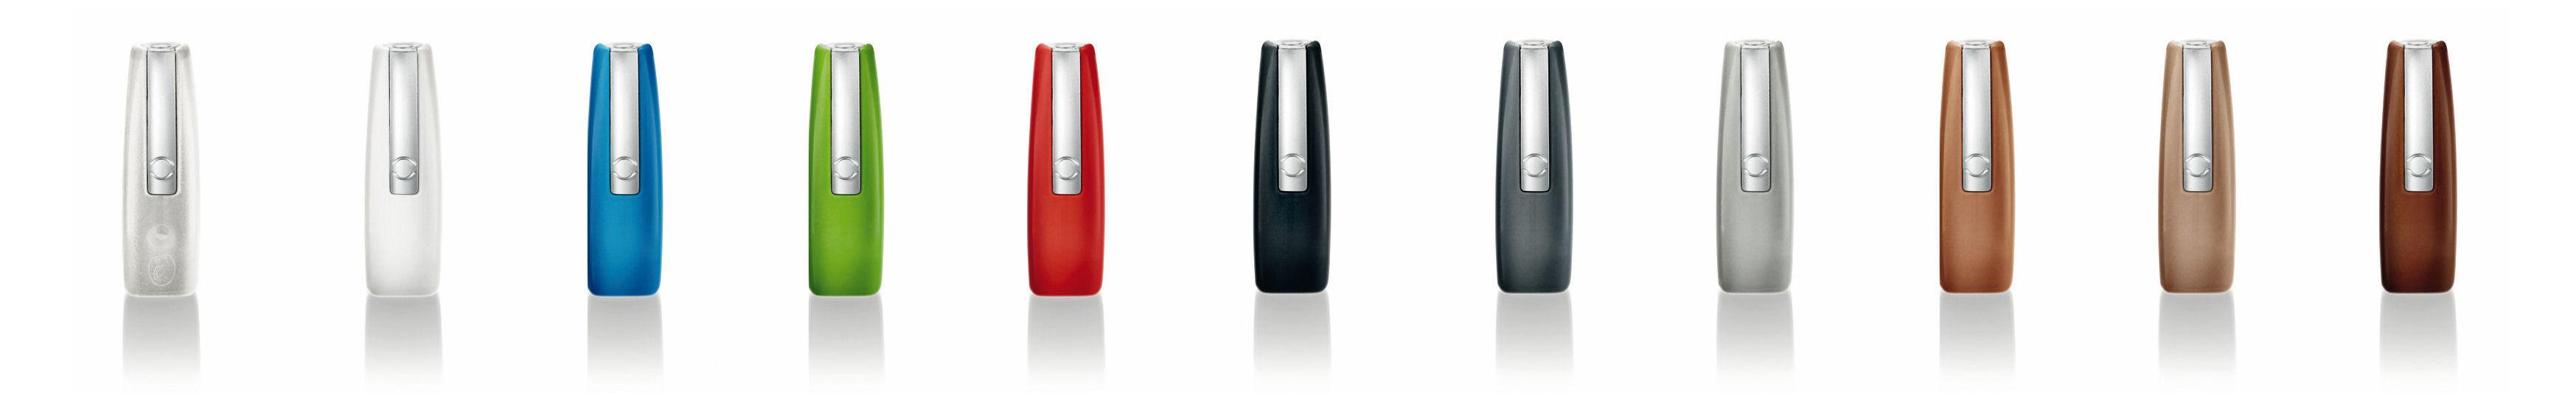 L'aide auditive Widex Unique Passion de toutes les couleurs pour une discrétion complète. Le centre auditif Minitone est spécialiste du Widex Unique.